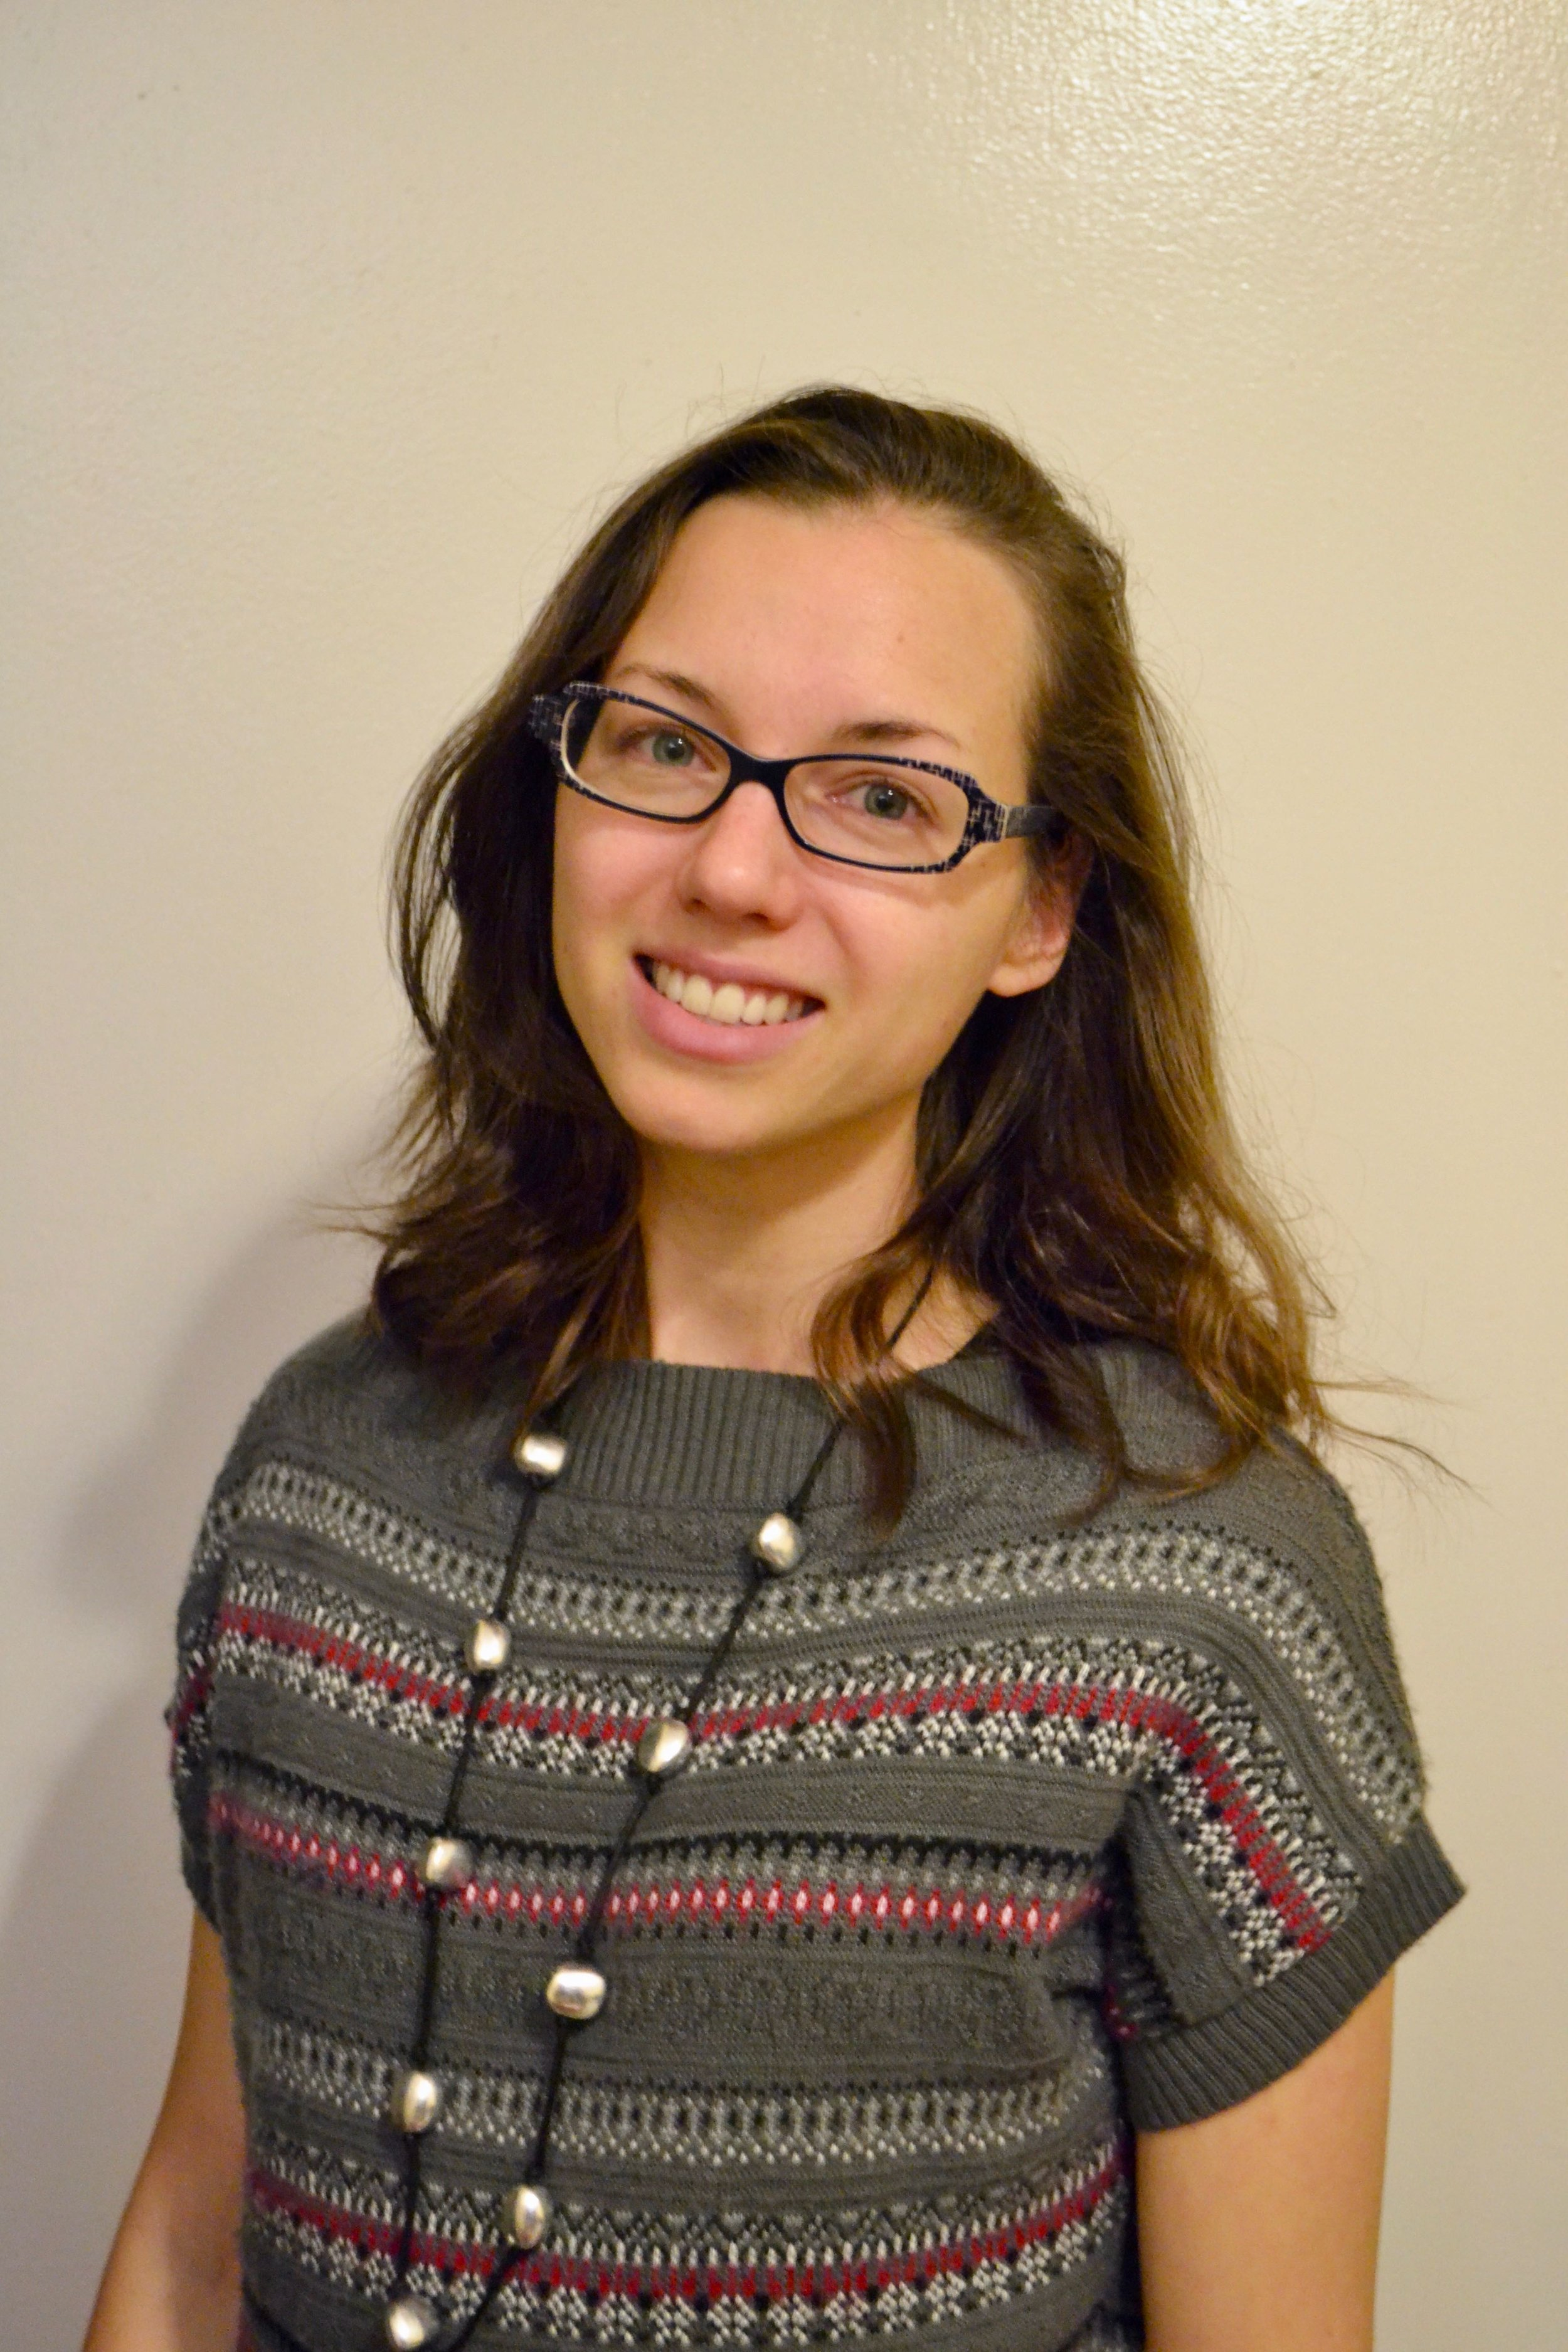 Kristen M. Schranz